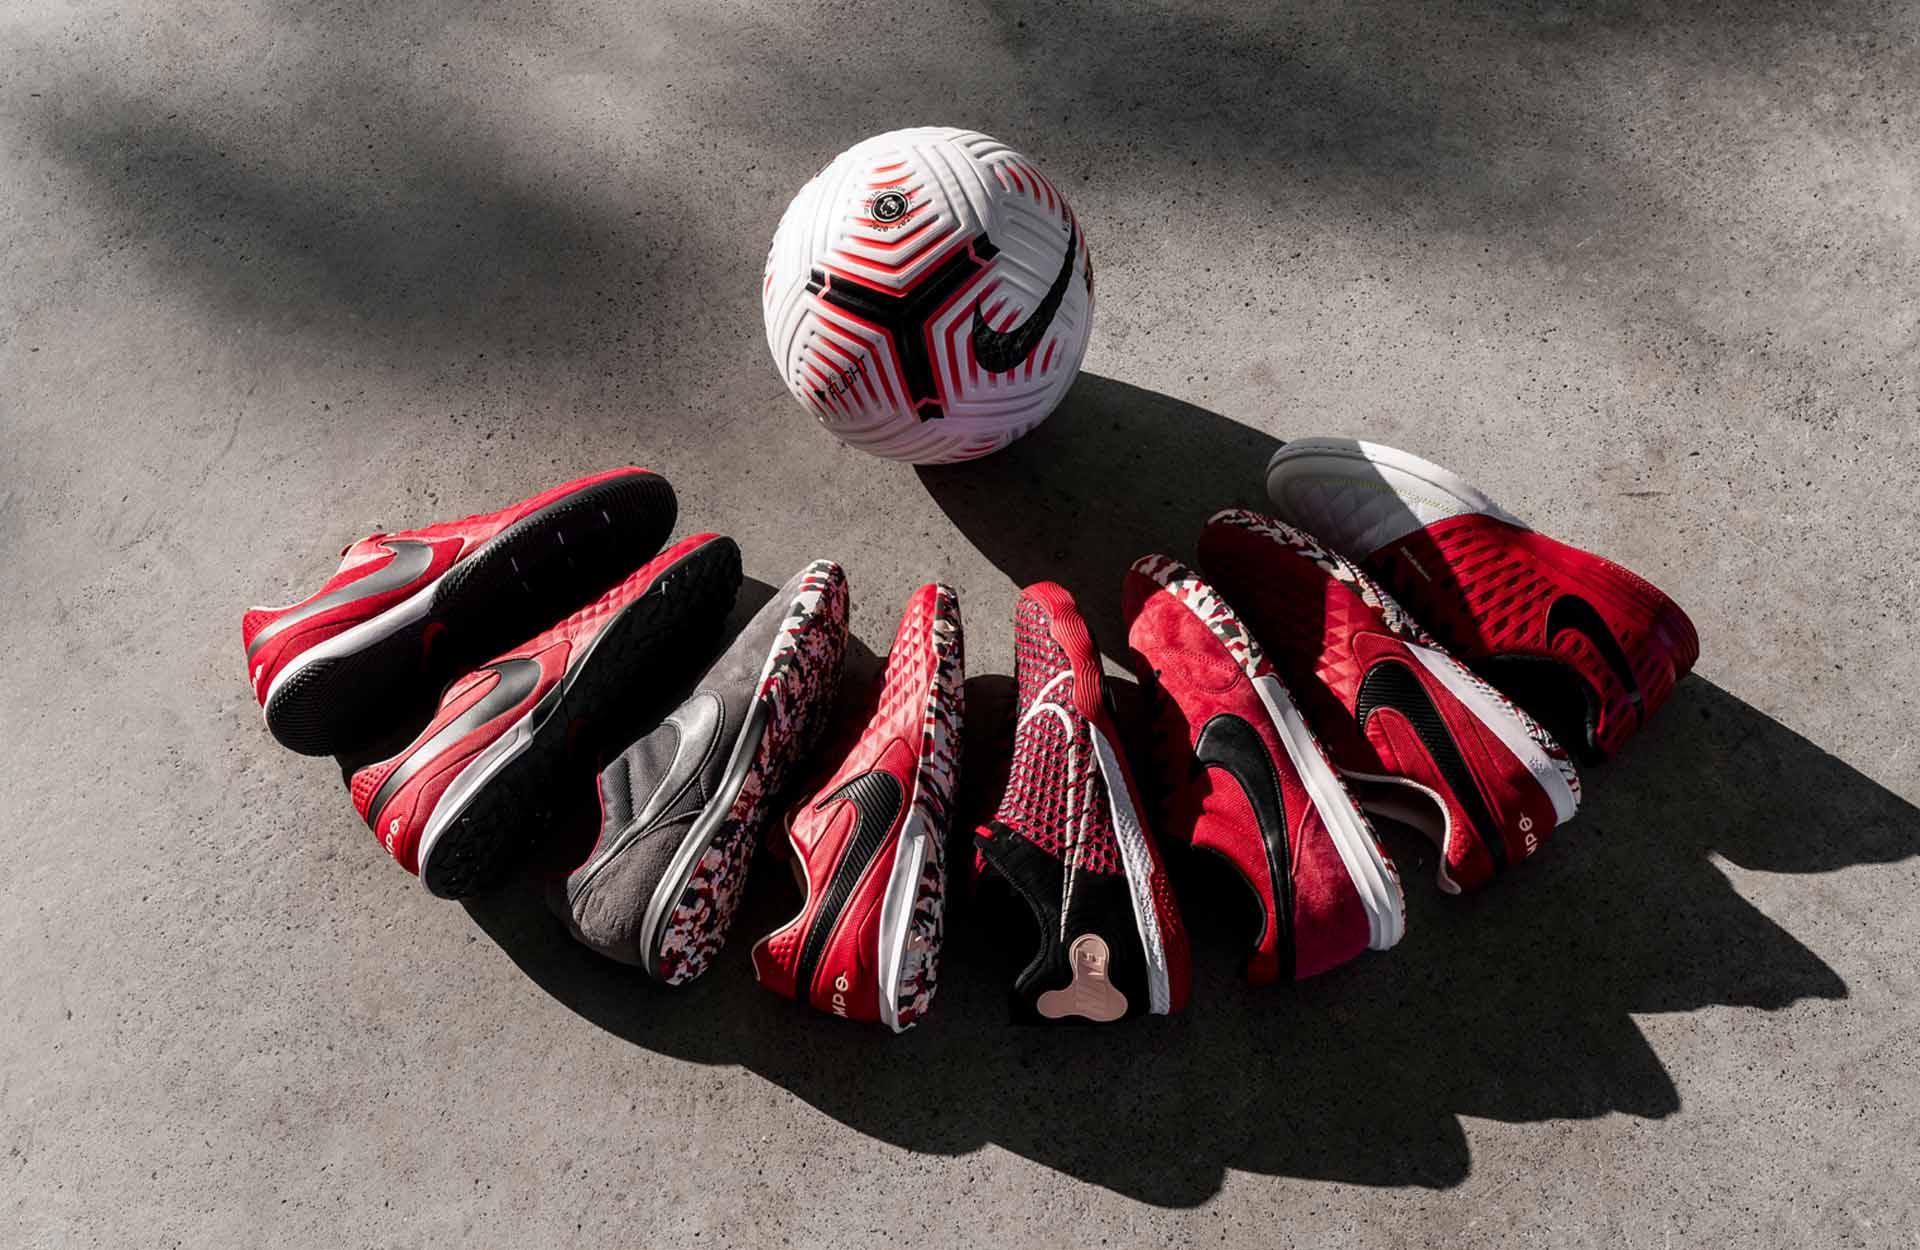 Giày đá bóng sân cỏ nhân tạo có rất nhiều hãng khác nhau trong đó Nike là nổi tiếng nhất